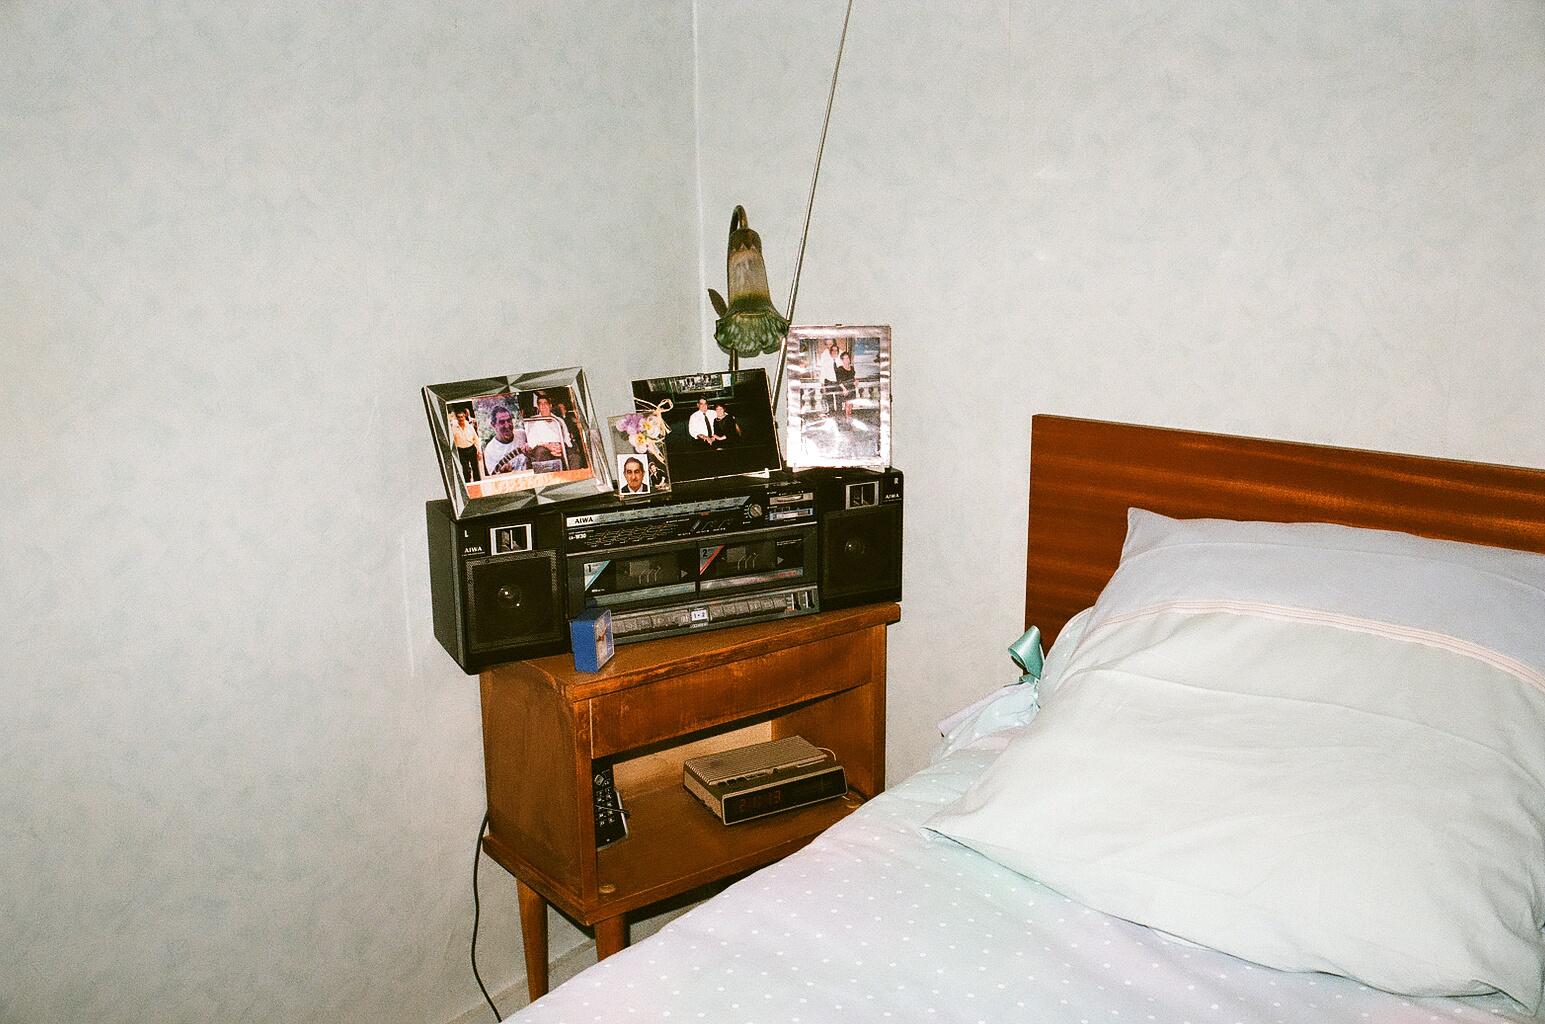 21_près du lit, chez mamie.jpg